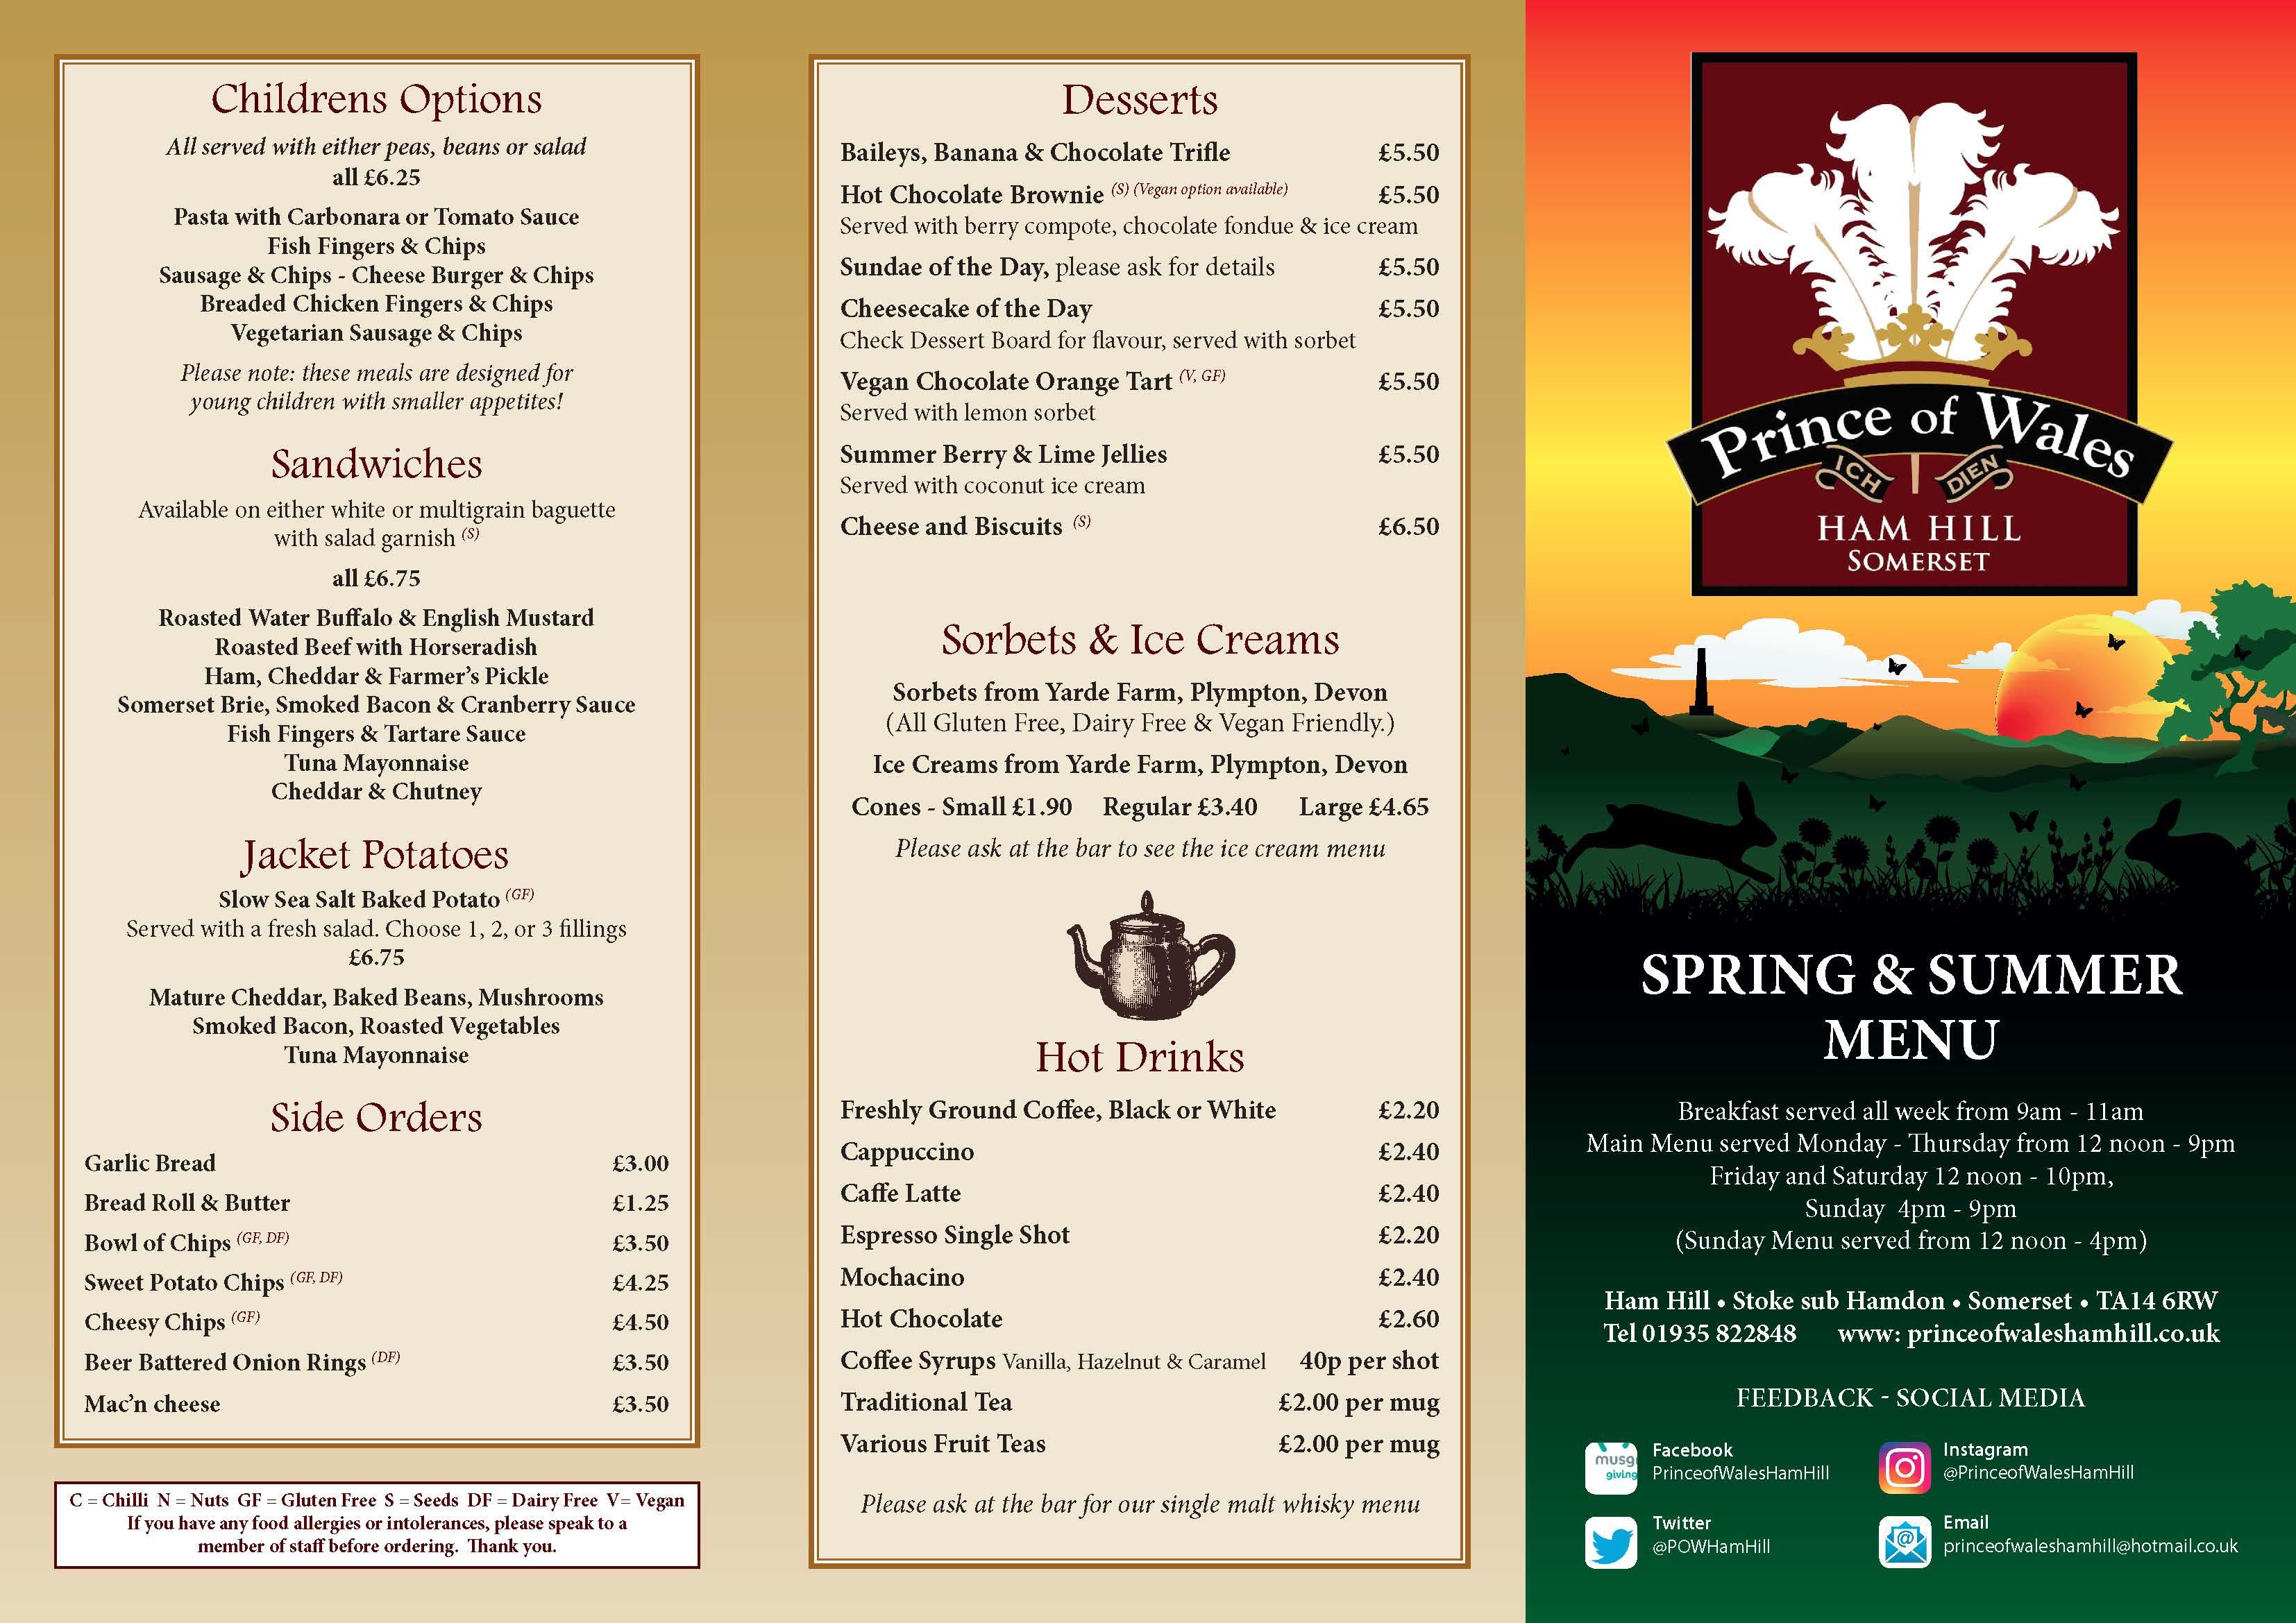 spring and summer menu